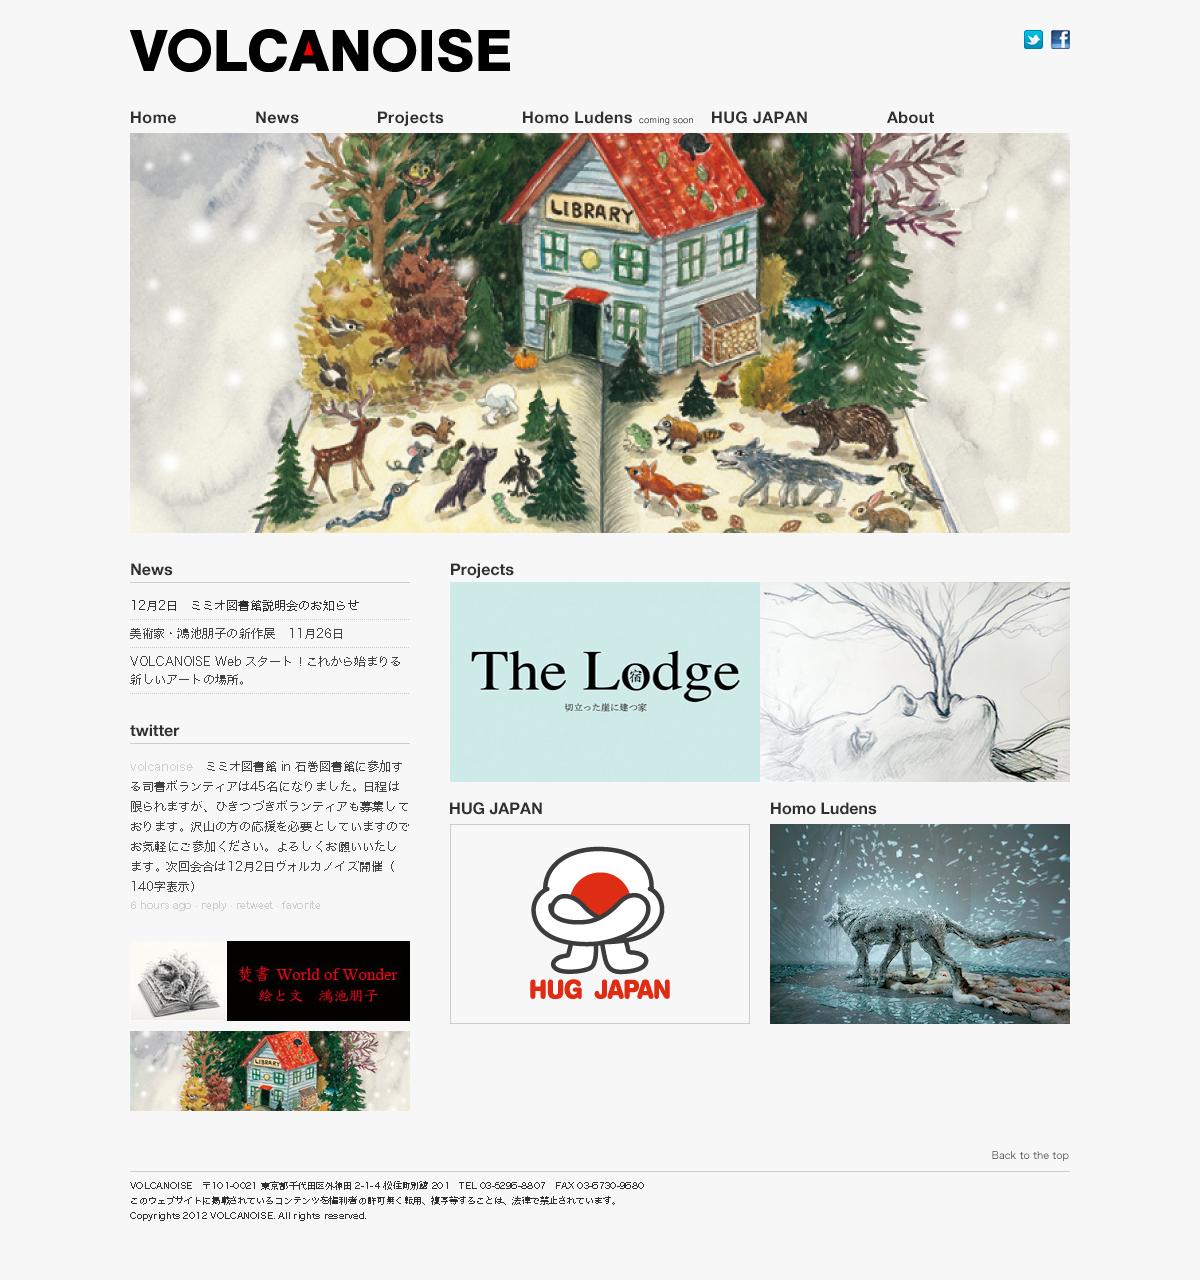 001_volcanoise_1200px